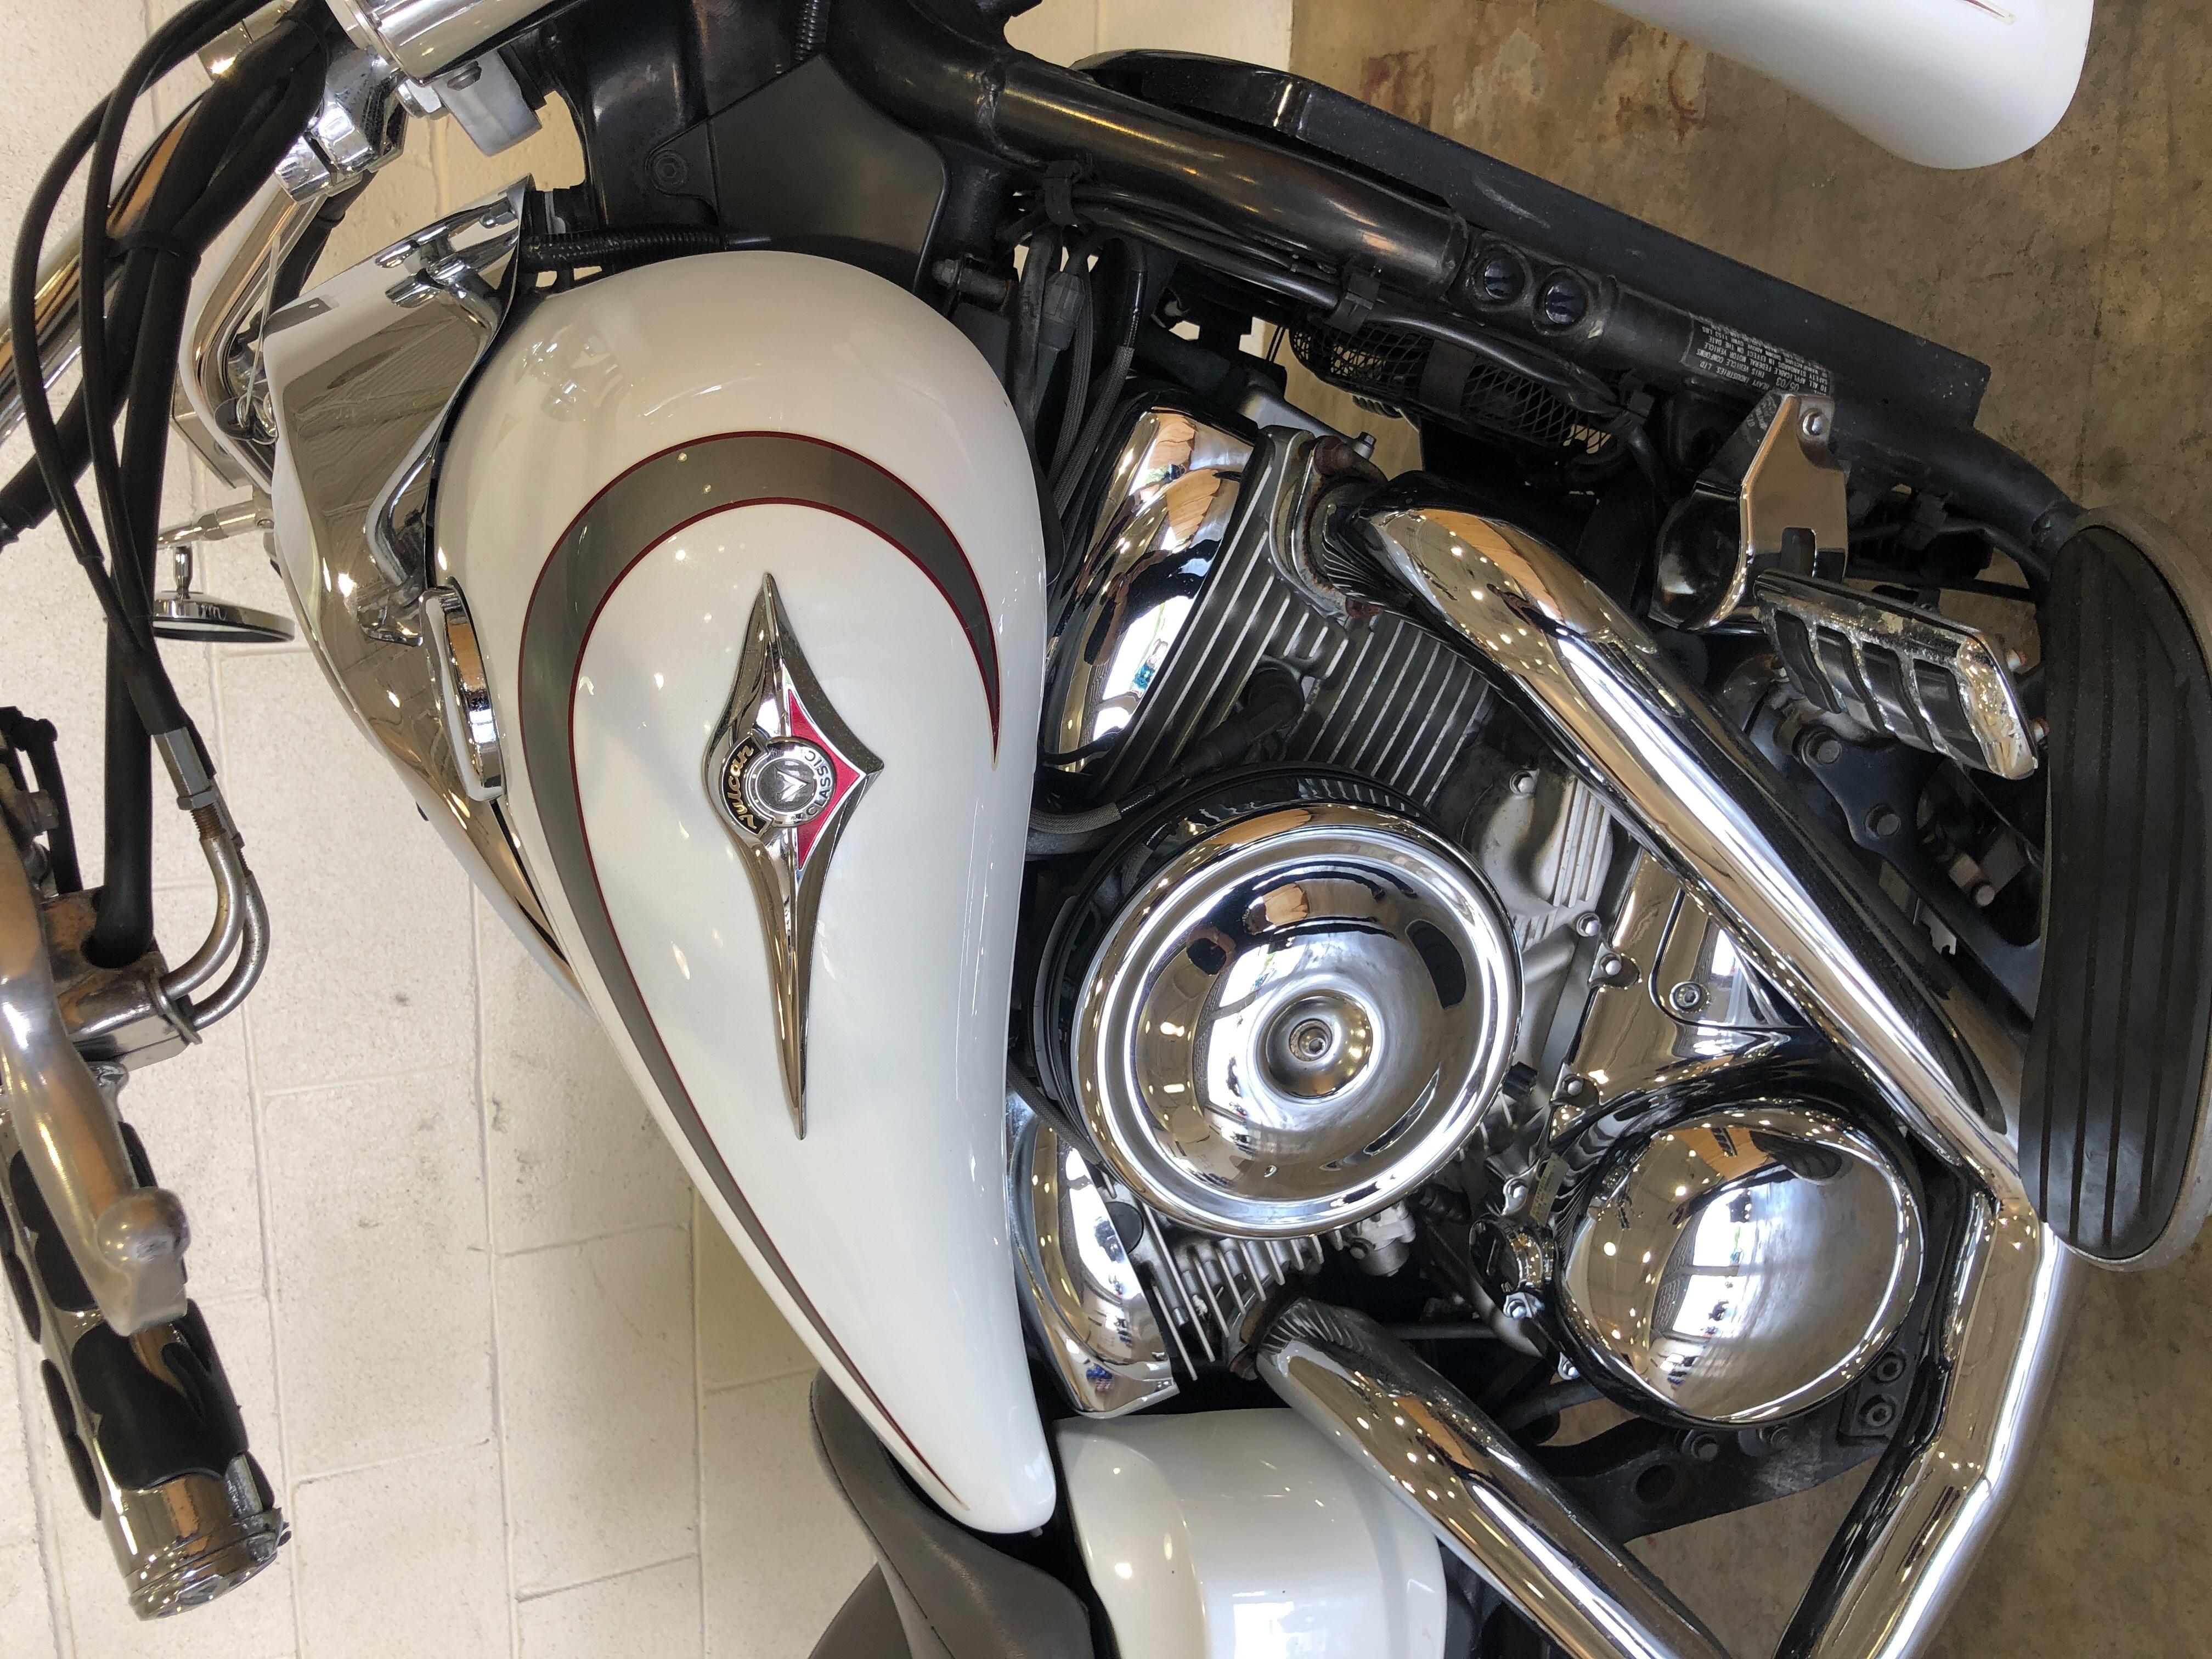 2004 Kawasaki Vulcan 1600 Mean Streak at Twisted Cycles